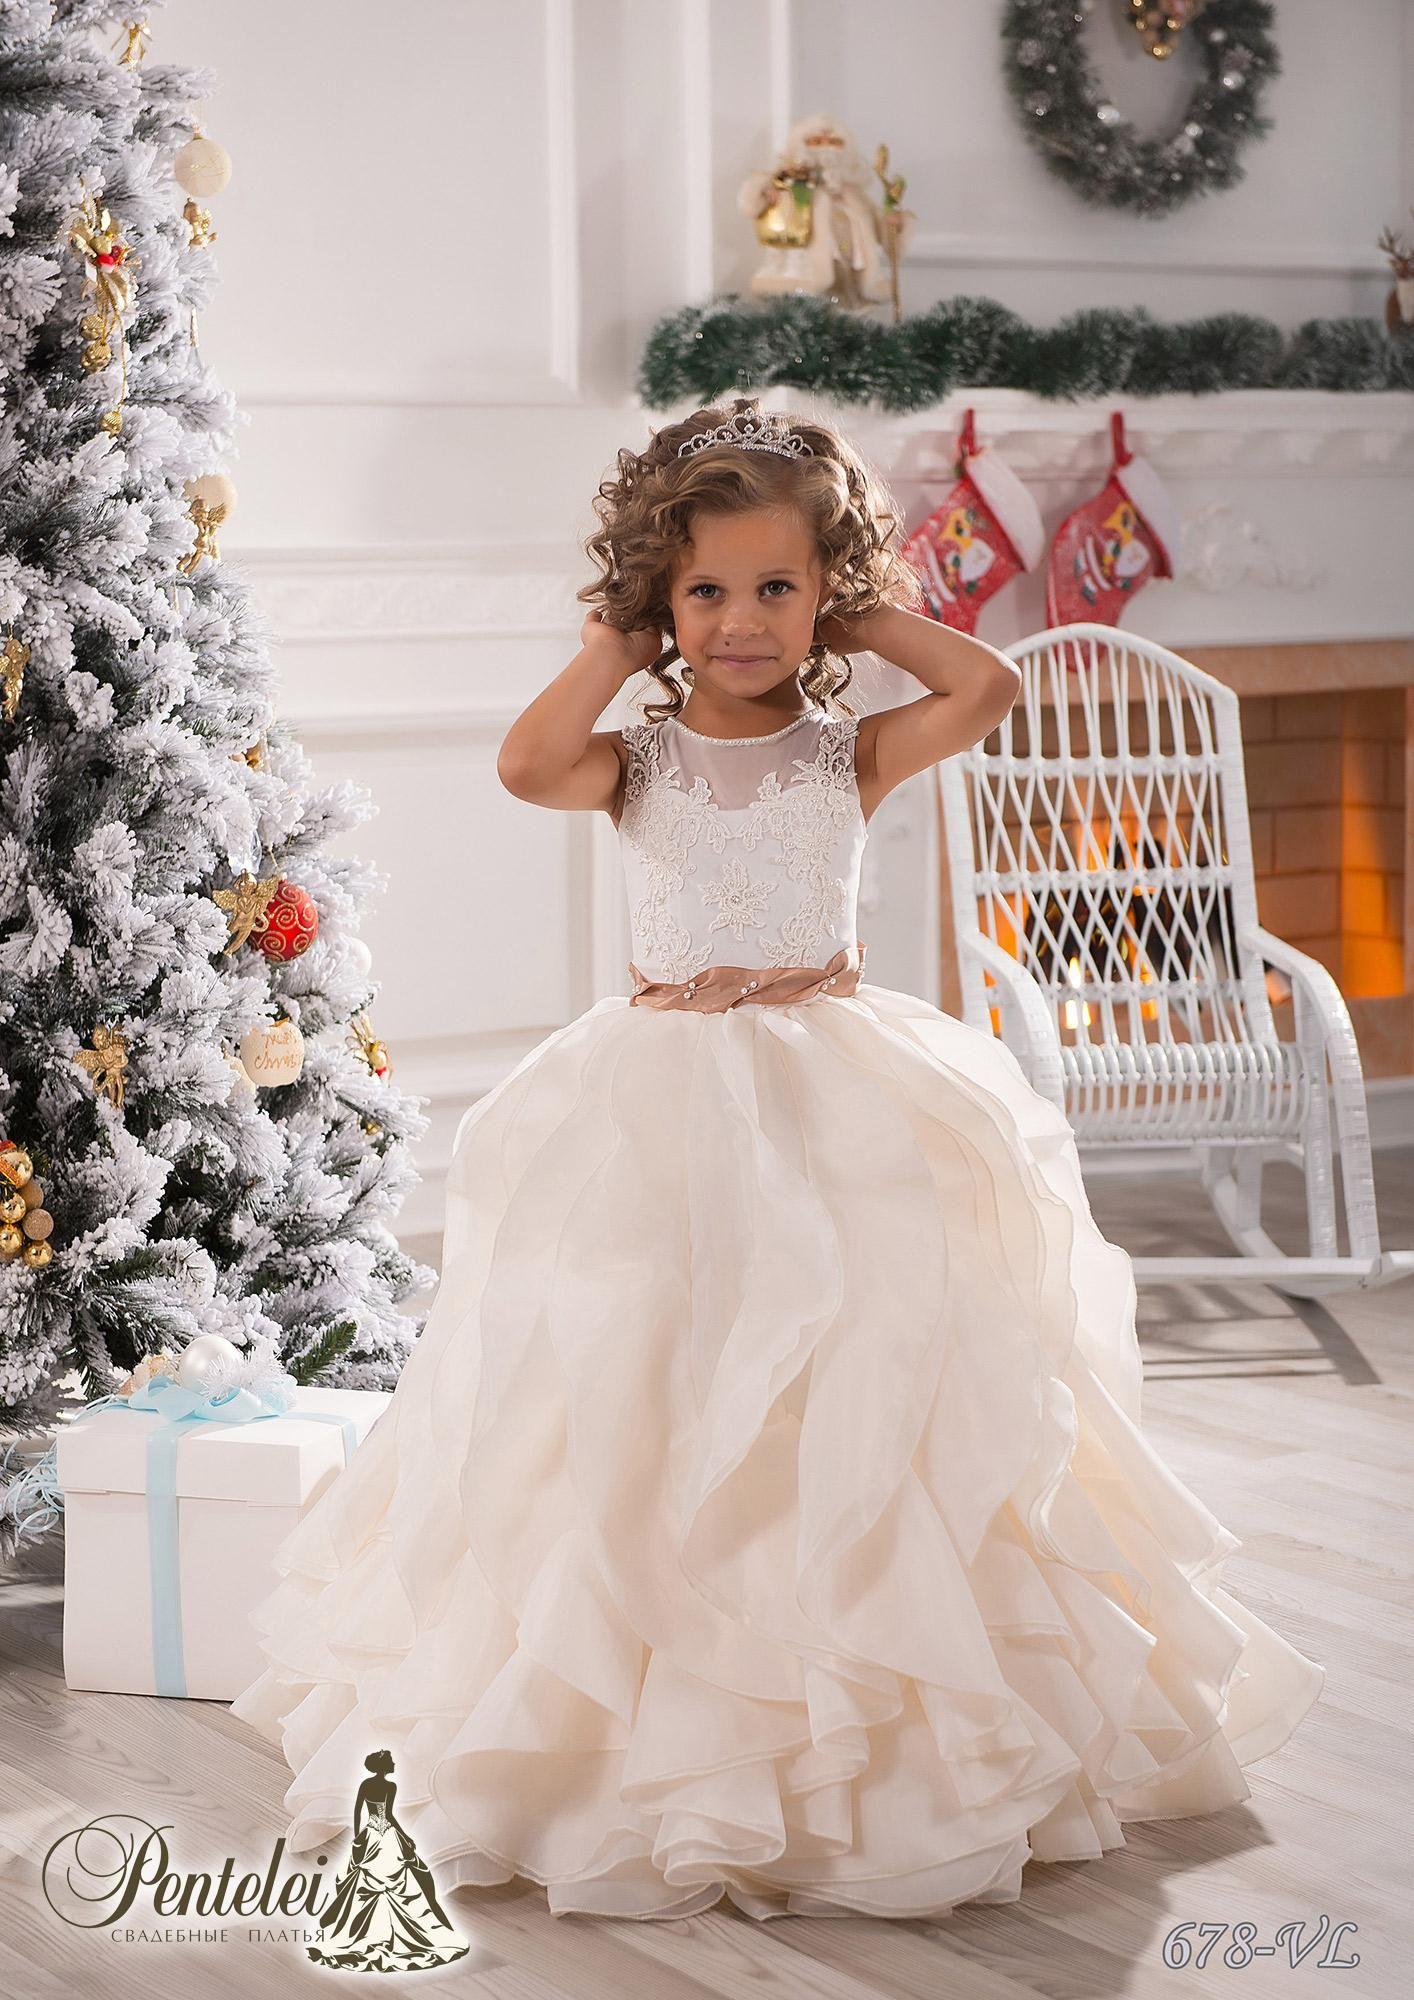 2015 Miniature Girls Wedding Dresses Ball Gown Ruffled